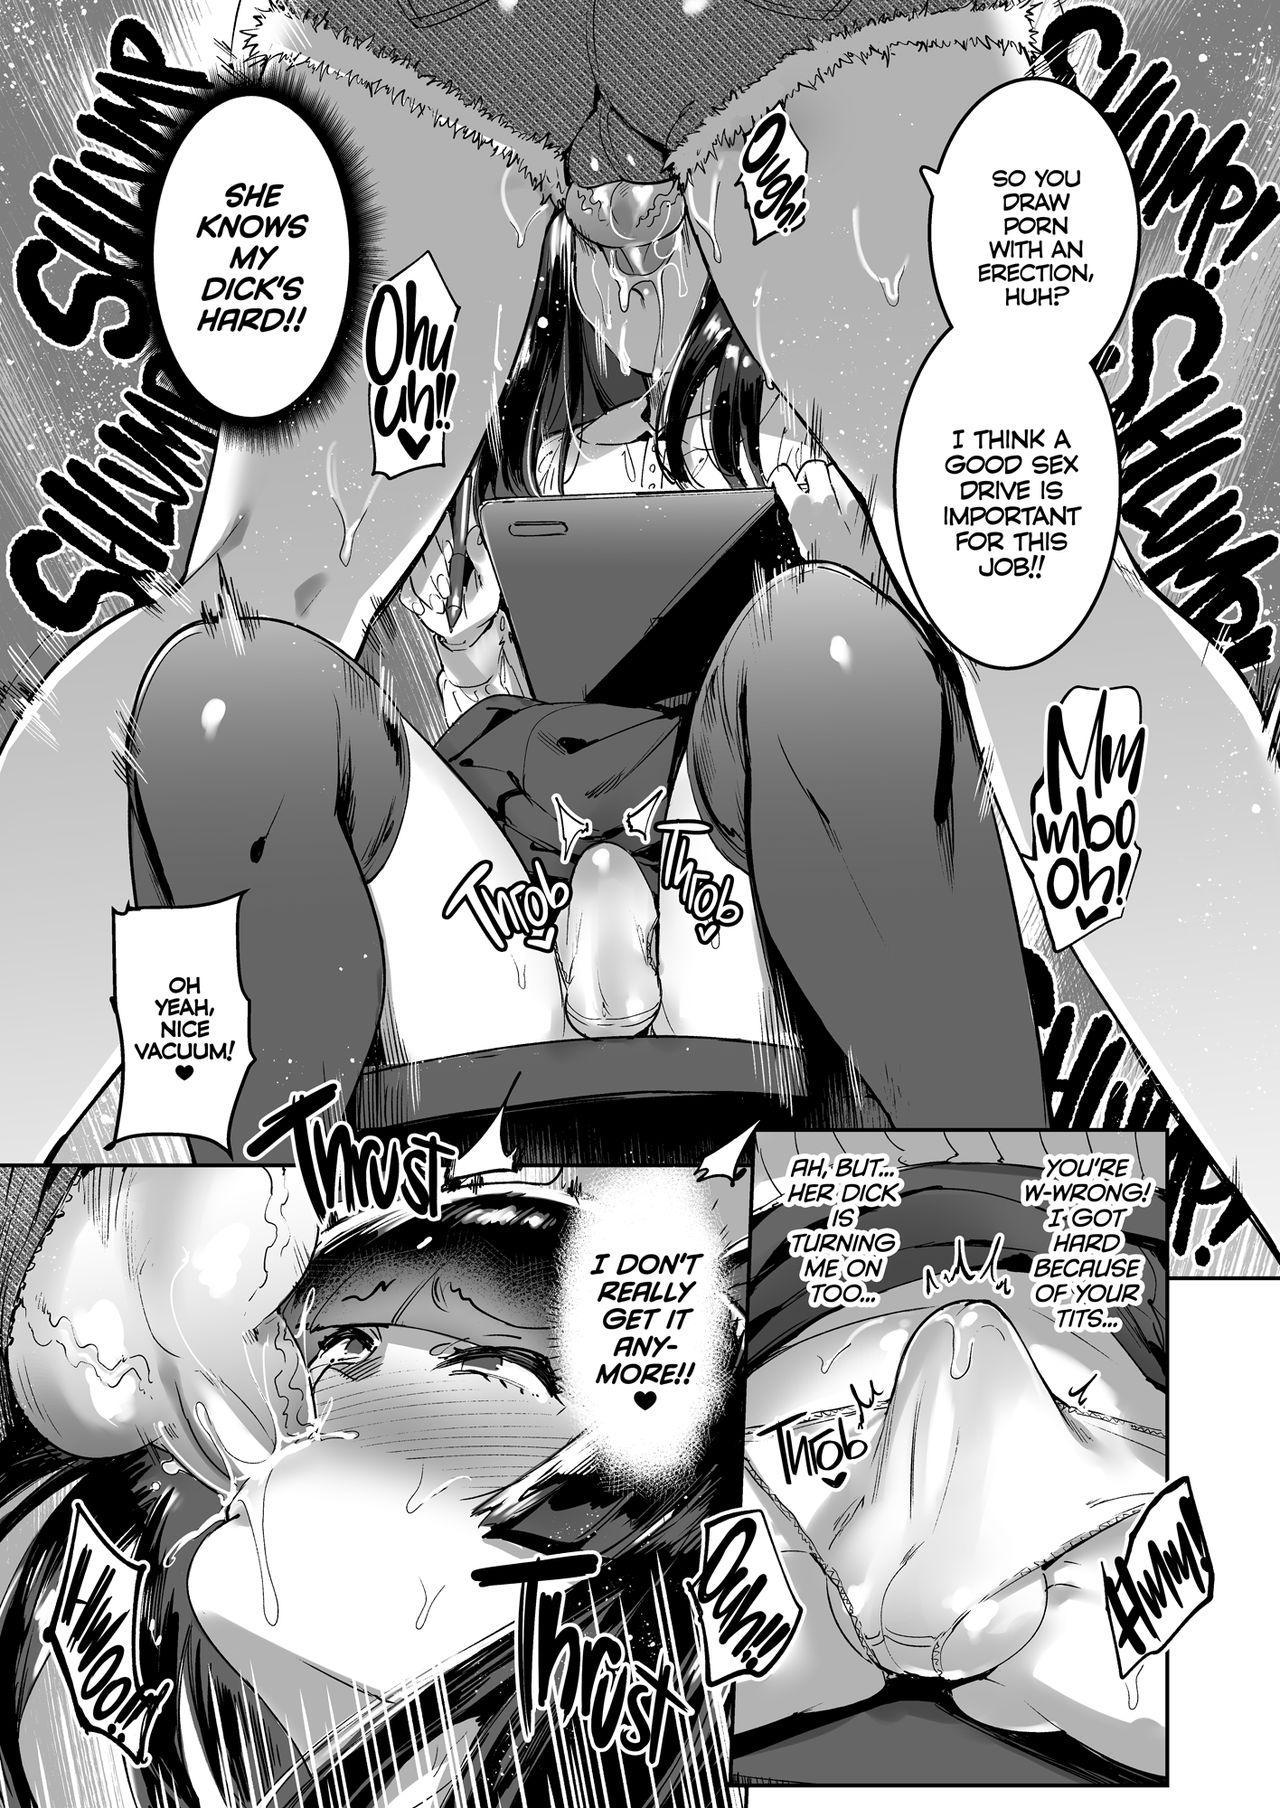 Otaku Gyaru VS Me 10